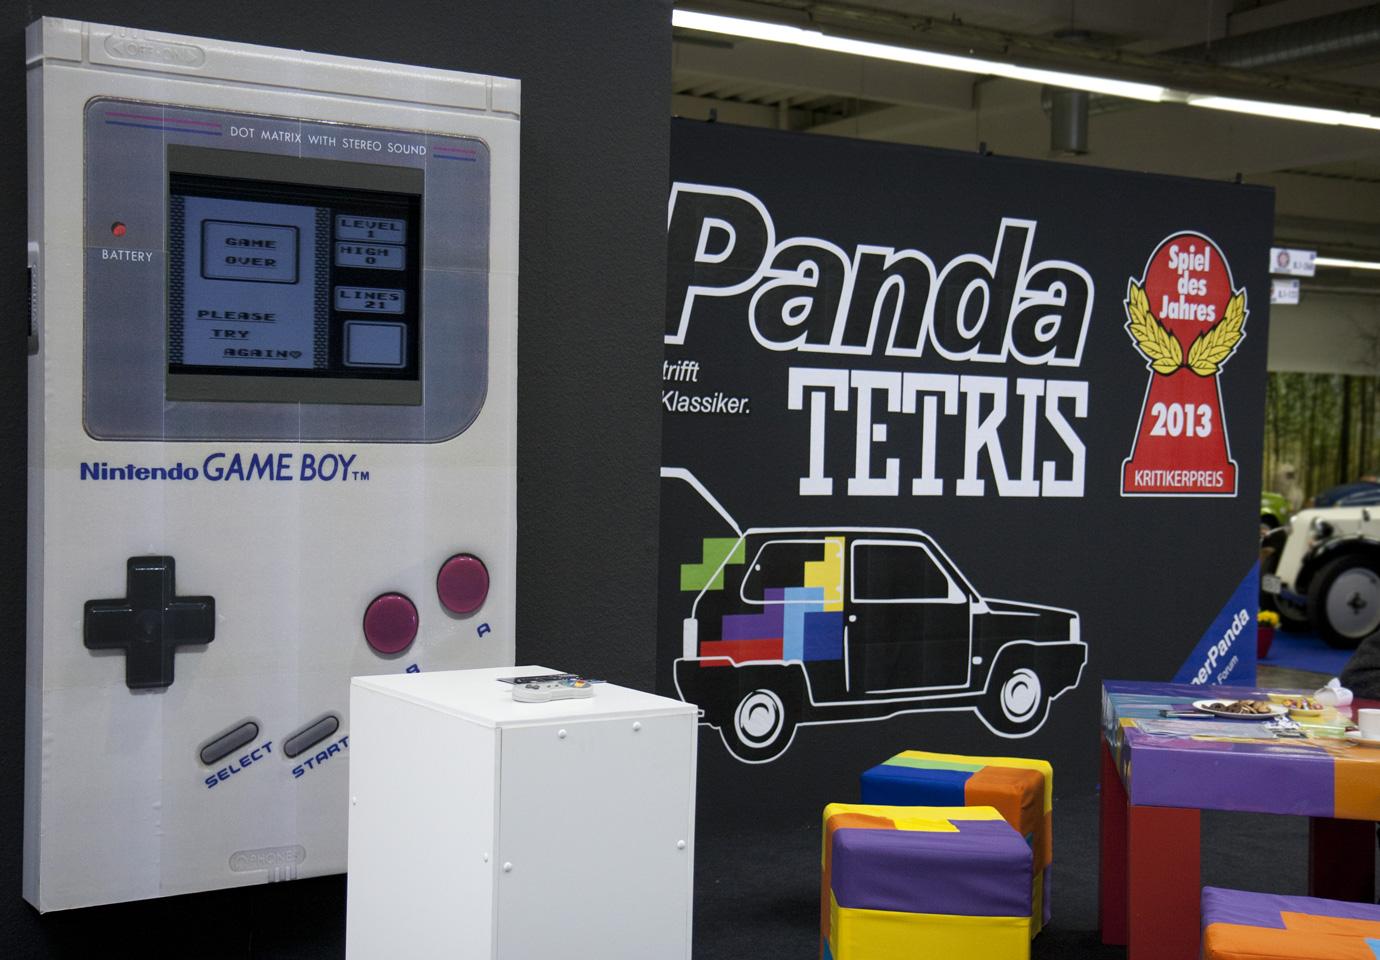 Back to the 80s – Panda Tetris